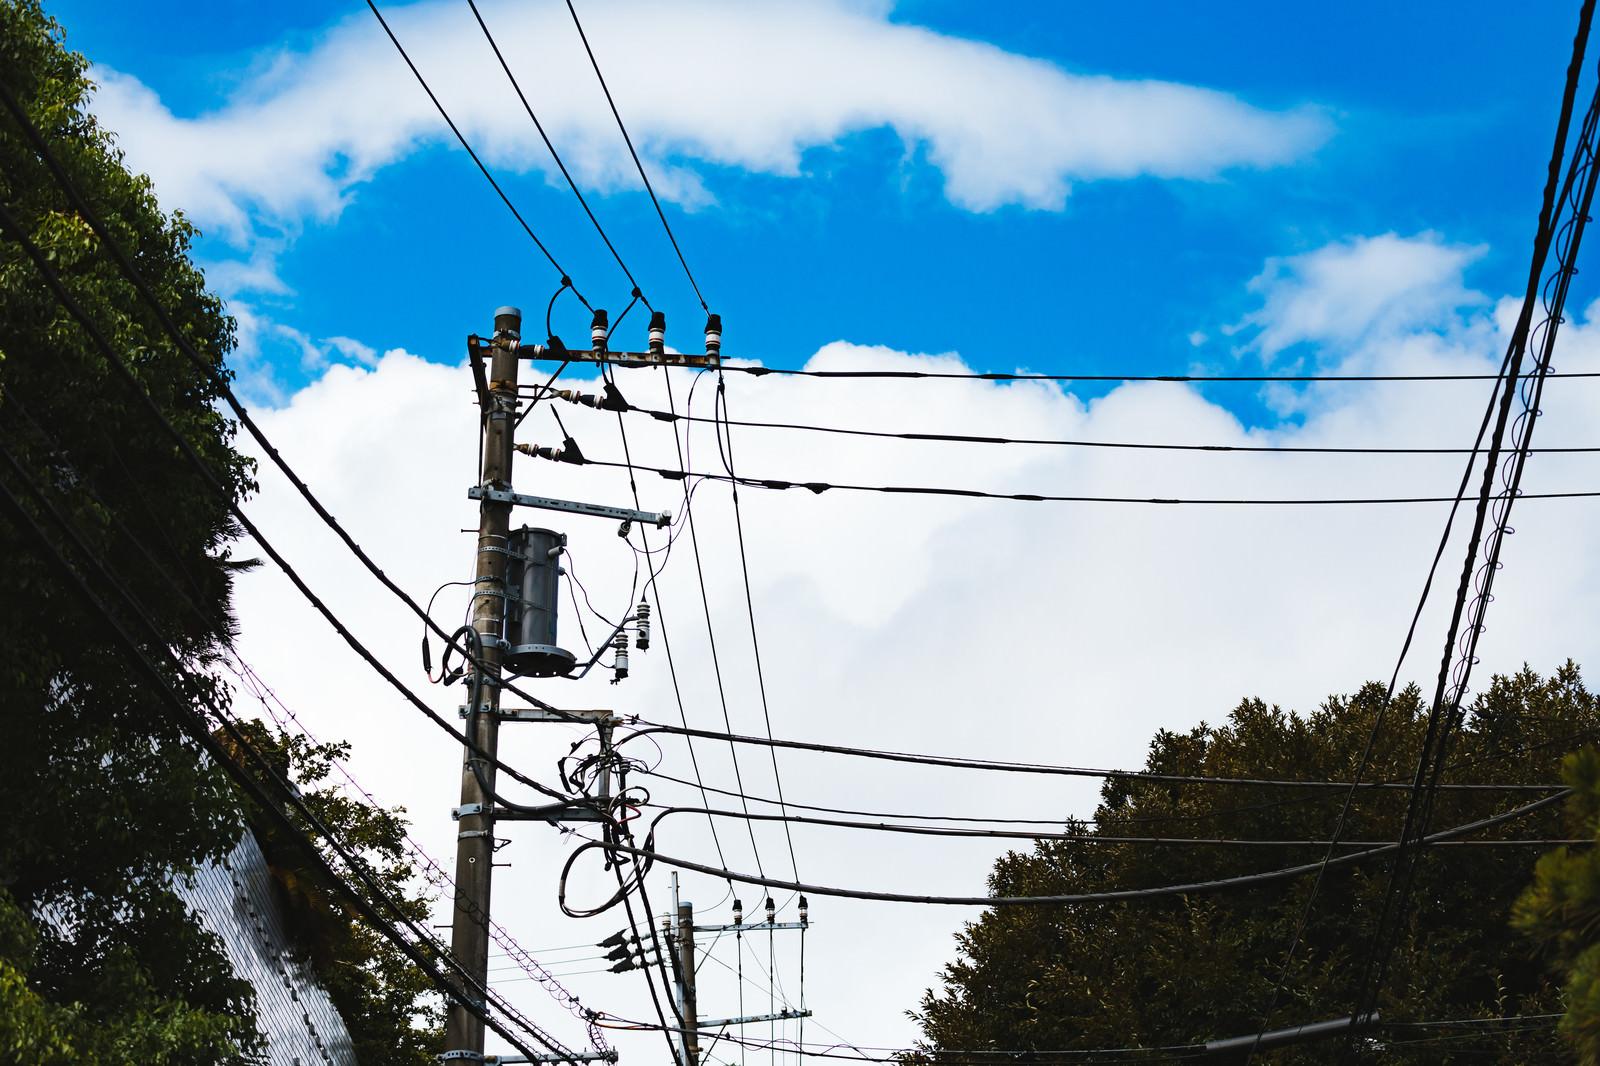 「よく晴れた青空と電線と電柱」の写真